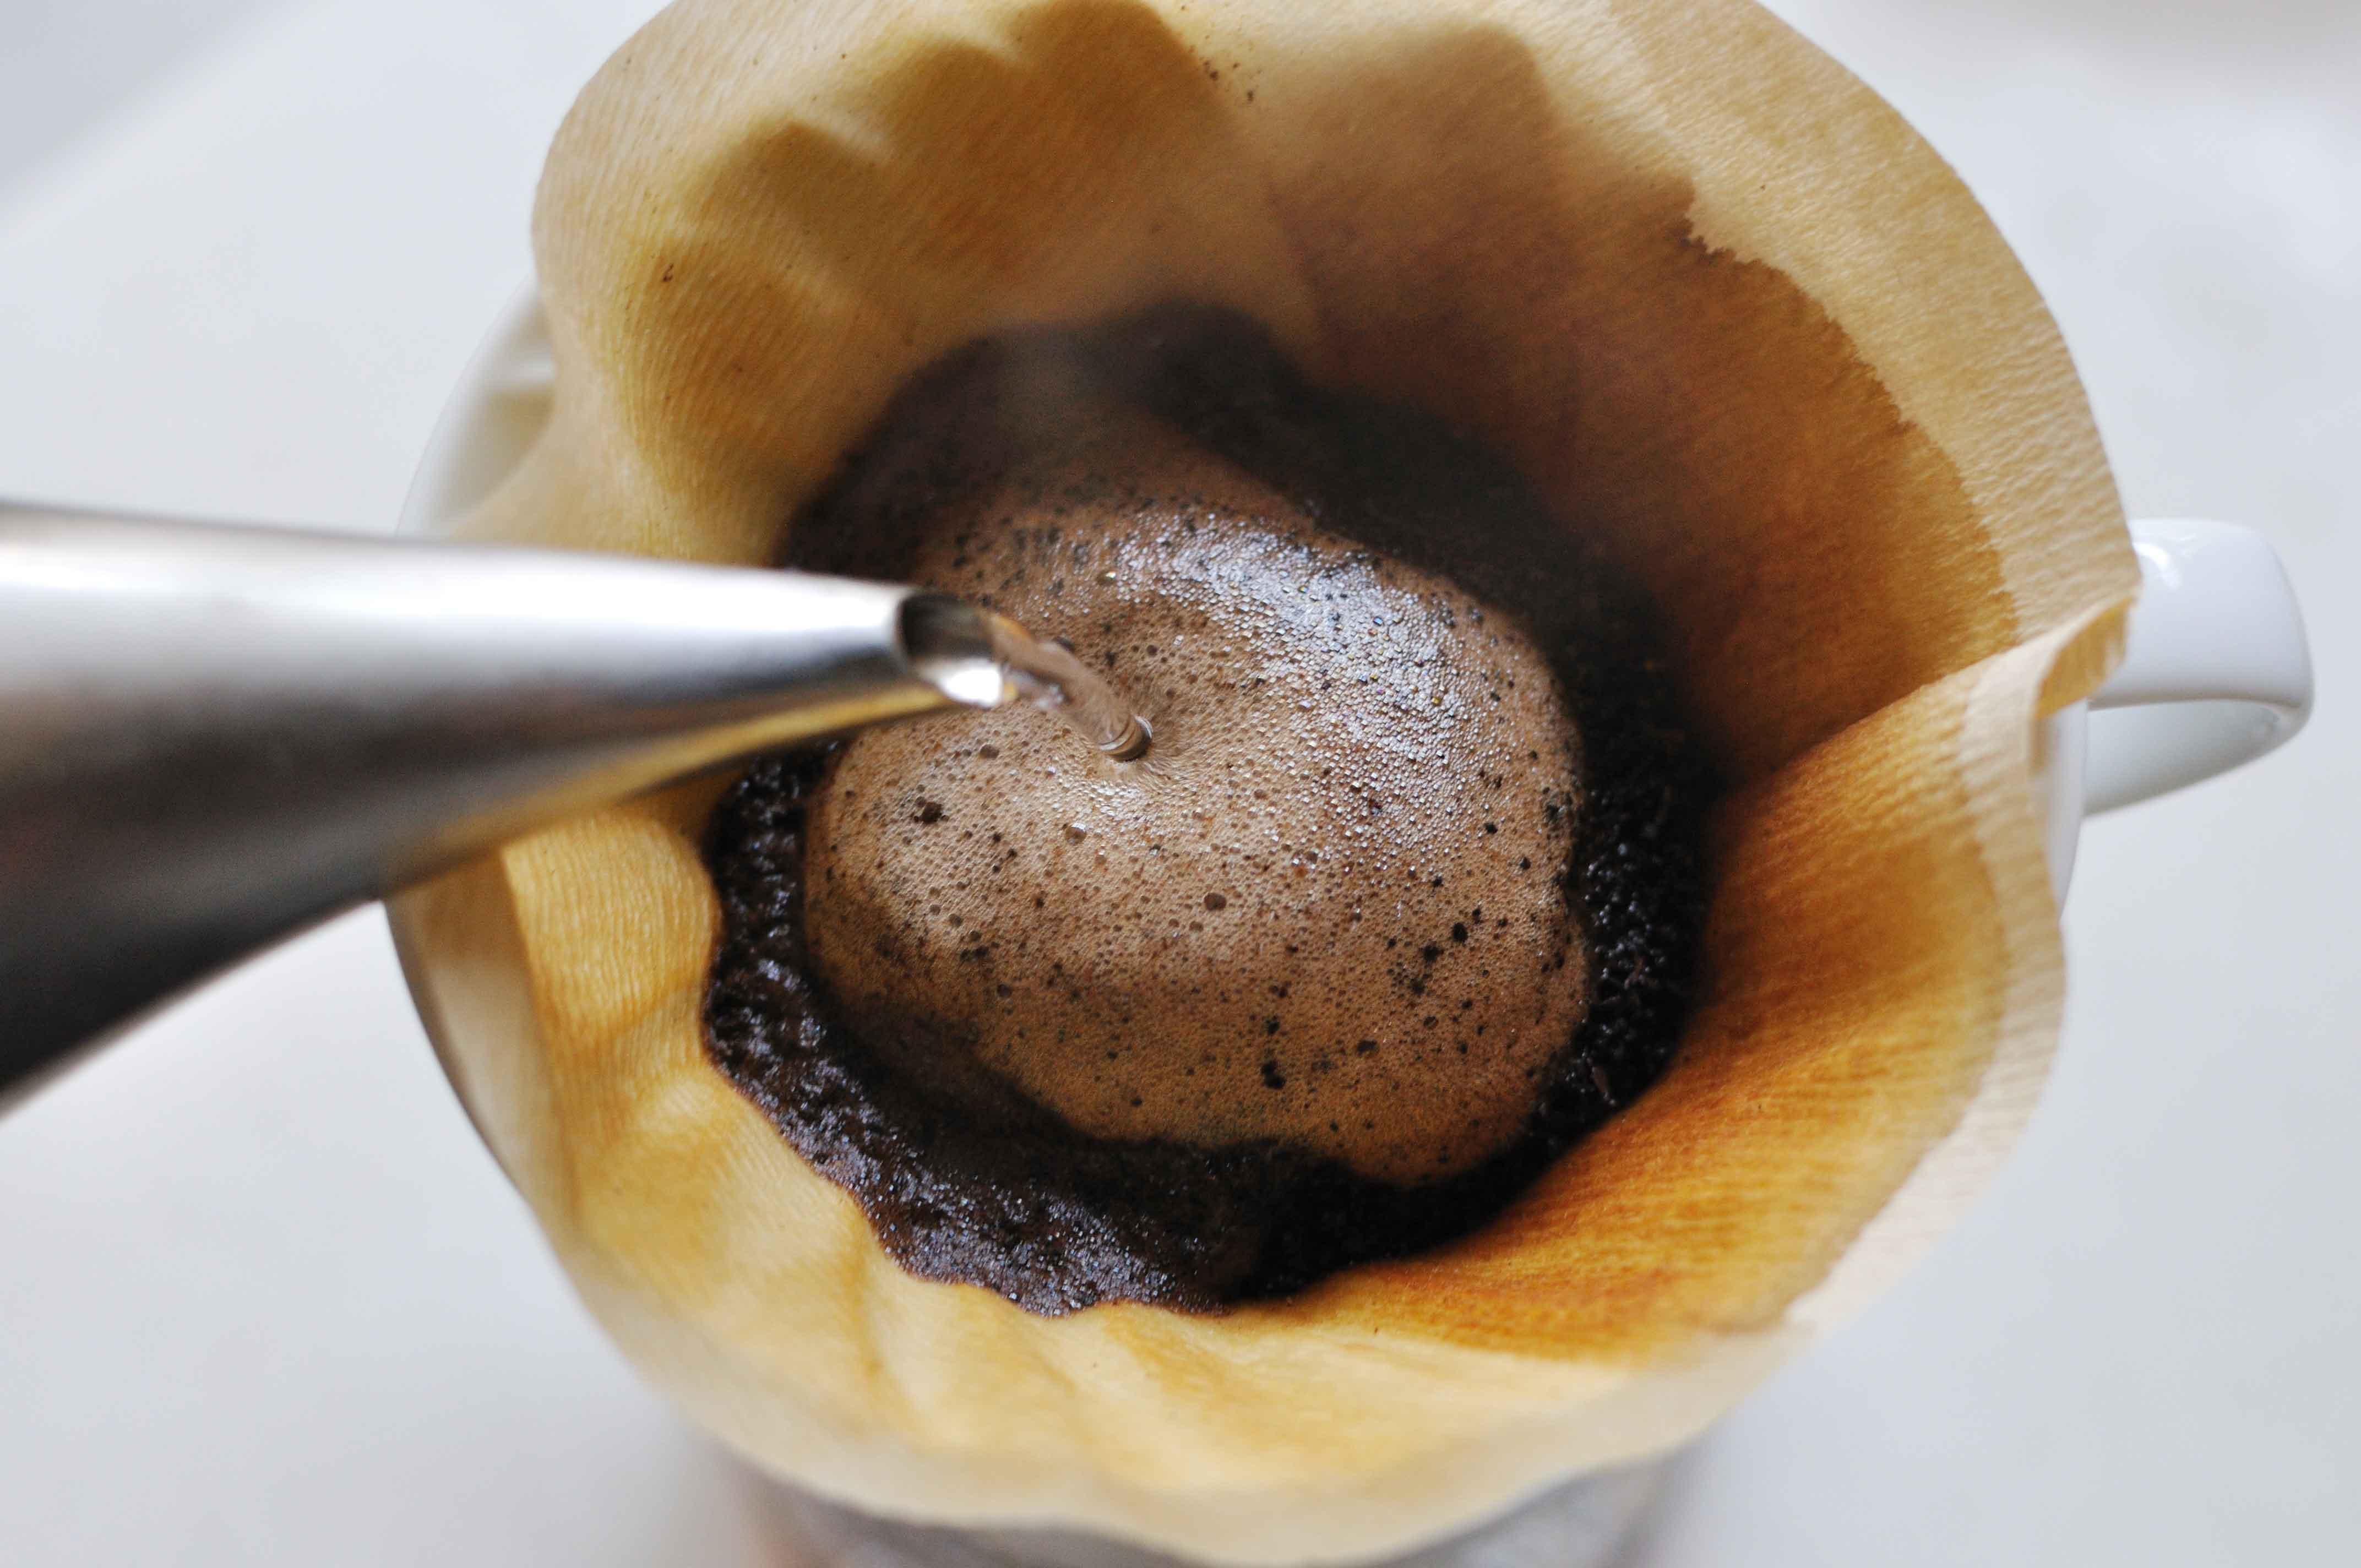 italcoffee - kahve nasıl demlenir